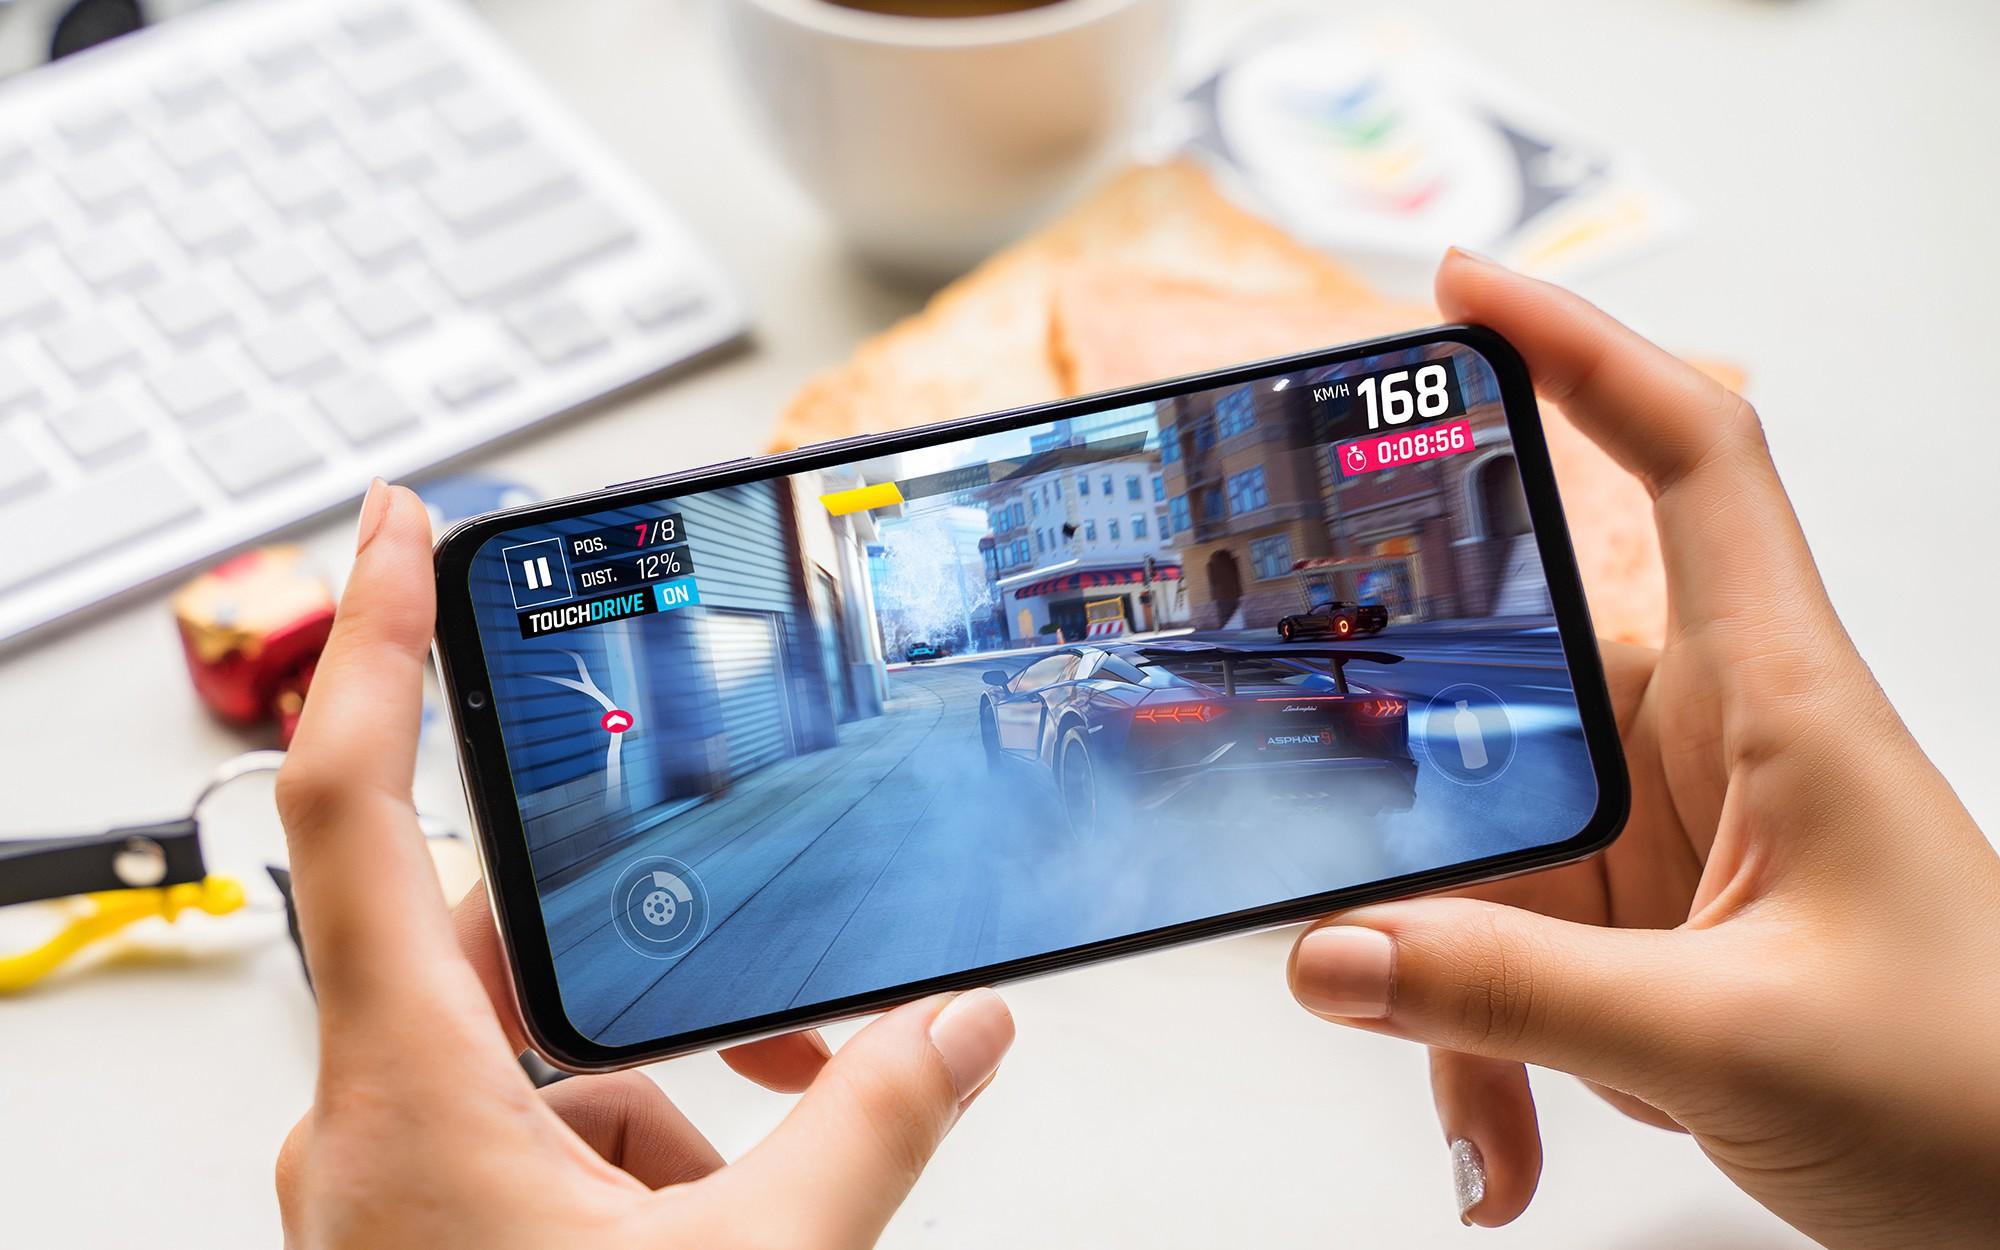 Vsmart Live xuất hiện trong top 10 smartphone Android mạnh nhất tháng 11/2019 - Hình 1